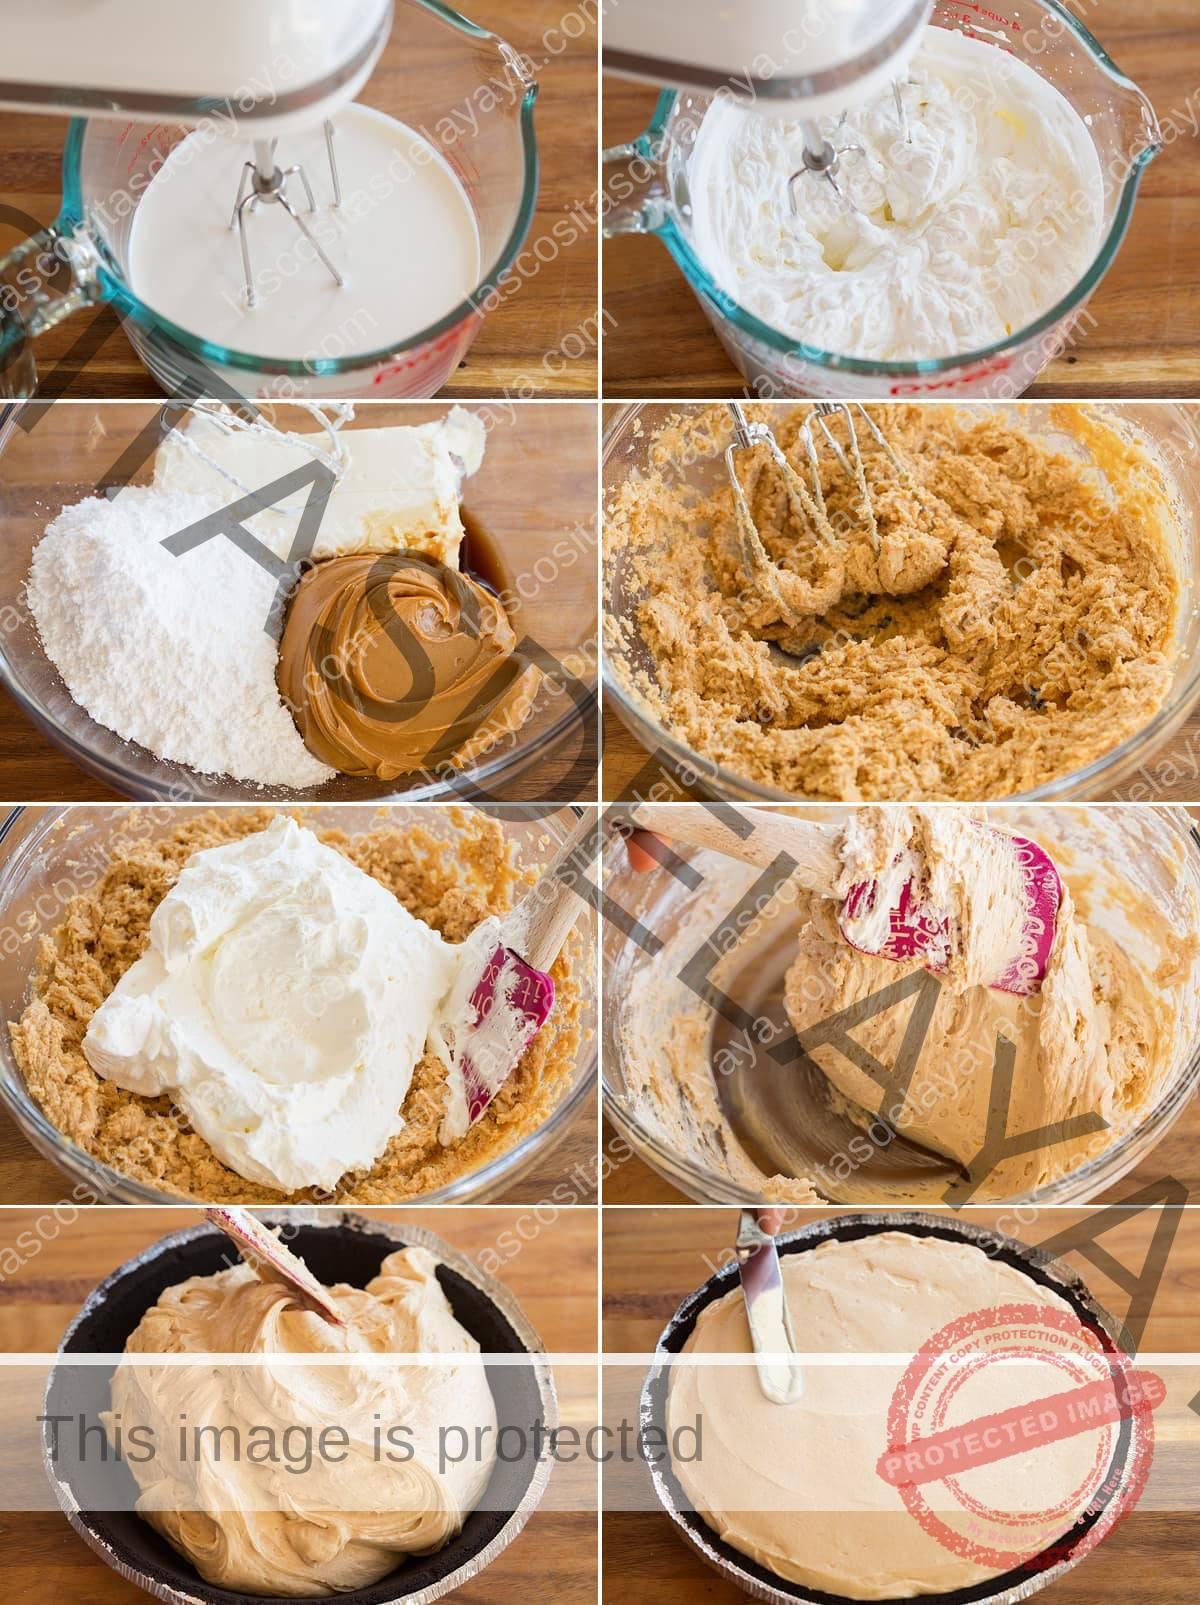 Collage de ocho imágenes que muestran los pasos para hacer el relleno de la tarta de mantequilla de maní y agregar la corteza.